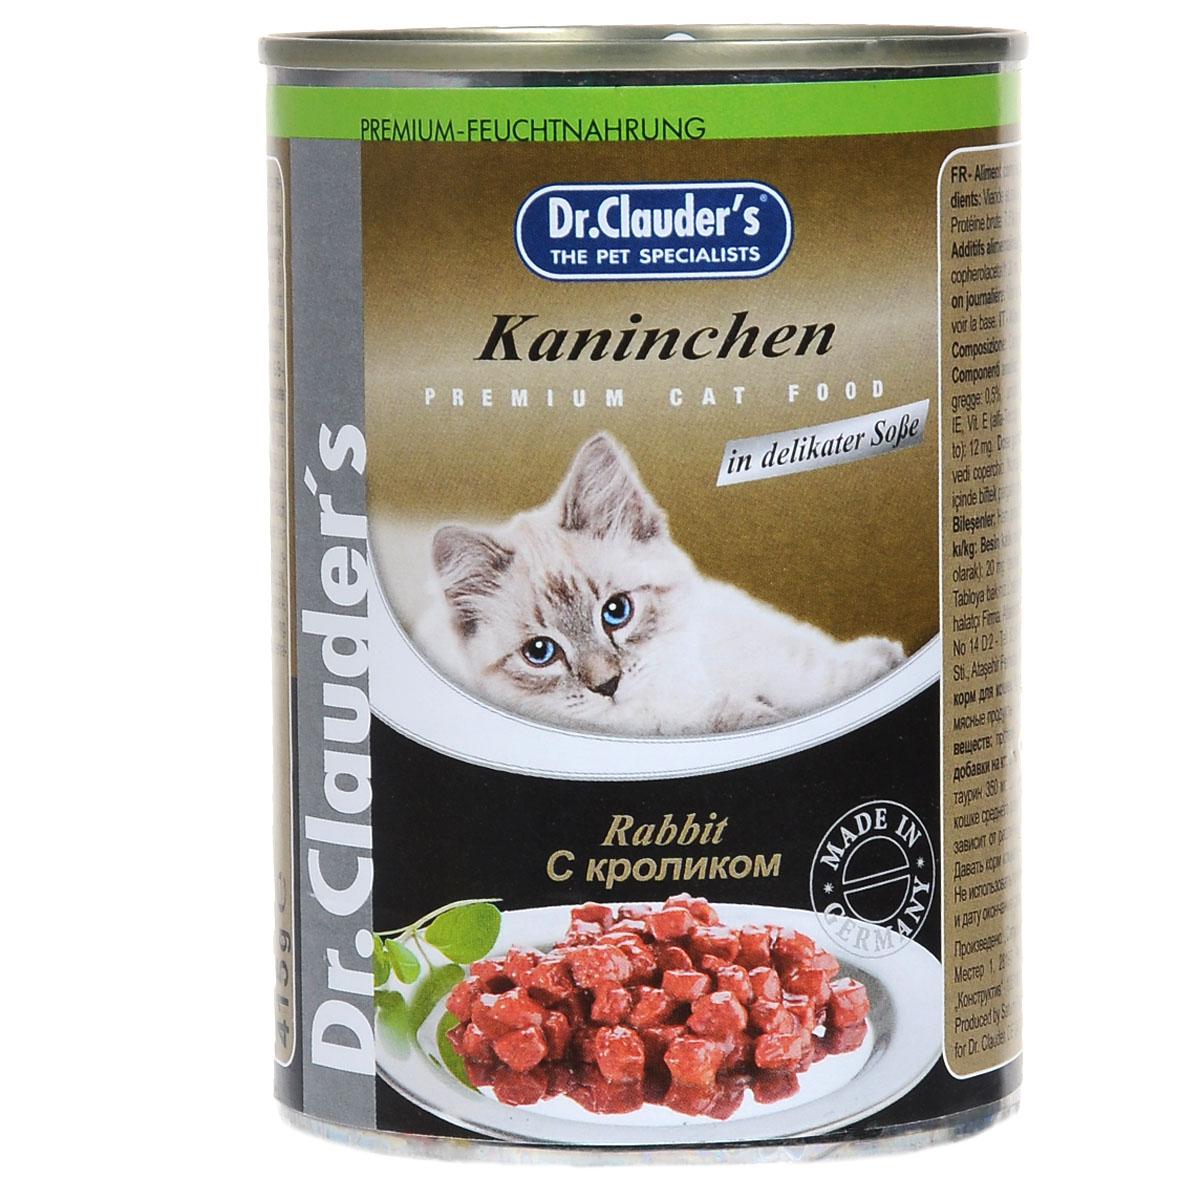 Консервы для кошек Dr. Clauders, кролик, 415 г20674Полнорационное питание домашних питомцев - основная головная боль их владельцев. Каждый владелец кошки старается подобрать для своей питомицы сбалансированный и подходящий именно ей рацион. Одни меняют корма несколько раз. Консервы для кошек Dr. Clauders обладают отличными вкусовыми качествами. В этом корме есть все, в чем ваша любимица нуждается каждый день - витамины, макро- и микроэлементы, биологически активные вещества. Прекрасный аппетит во время еды и сытое урчание после гарантировано. Шелковистая блестящая шерсть, хорошее настроение, физическая активность и отменное здоровье - таким будет результат вашей заботы и правильно отношения к питанию кошки. Состав: мясо и мясные продукты (мин. 4% кролика), злаки, минералы, сахар. Питательные вещества: протеин 7,5%, жир 4,5%, зола 2,5%, клетчатка 0,5%, влажность 81%. Пищевые добавки: витамин А 2000МЕ, витамин D3 200МЕ, витамин Е 20 мг, таурин 350 мг, цинк 12 мг. Товар сертифицирован.